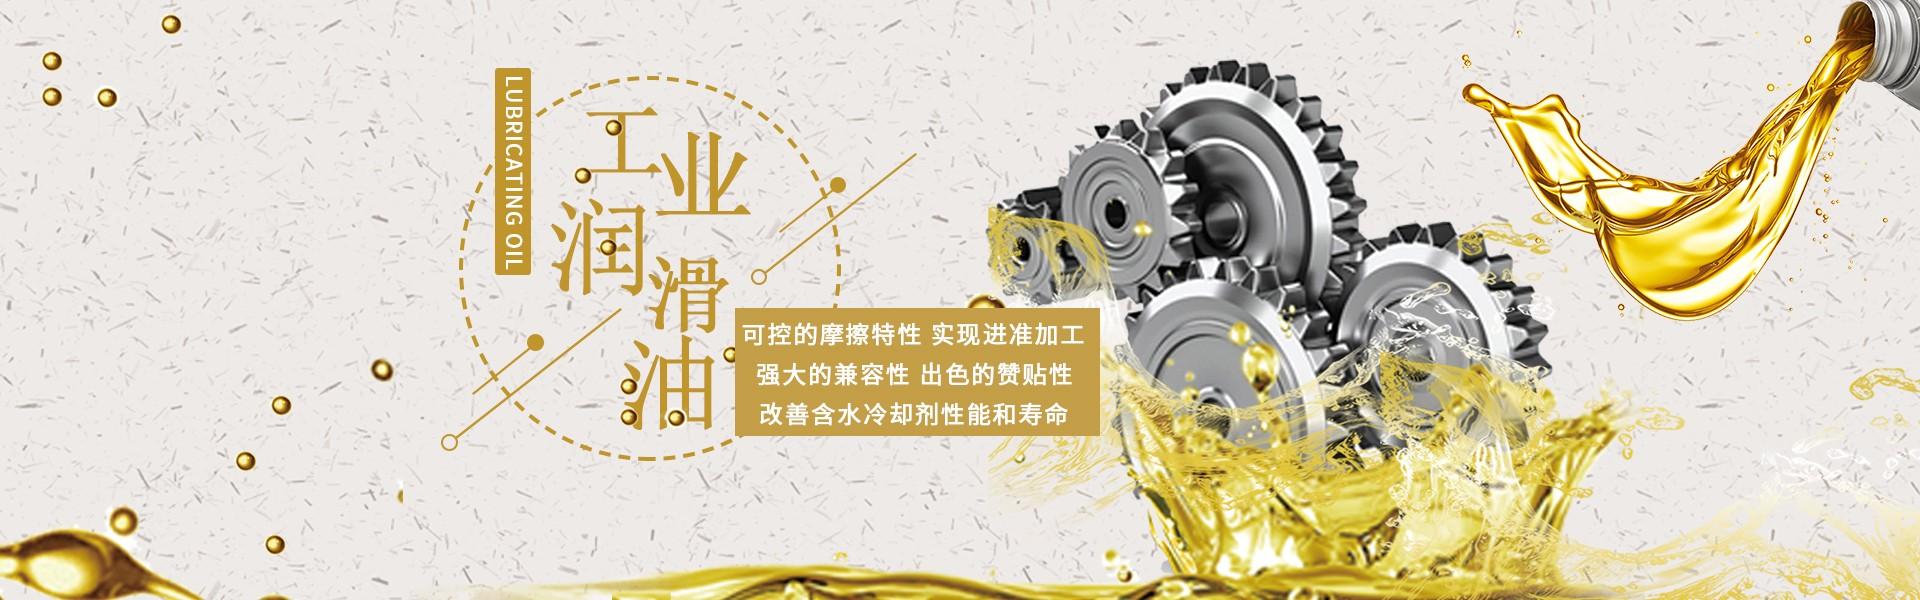 高温润滑脂在轴承使用中的质量变化